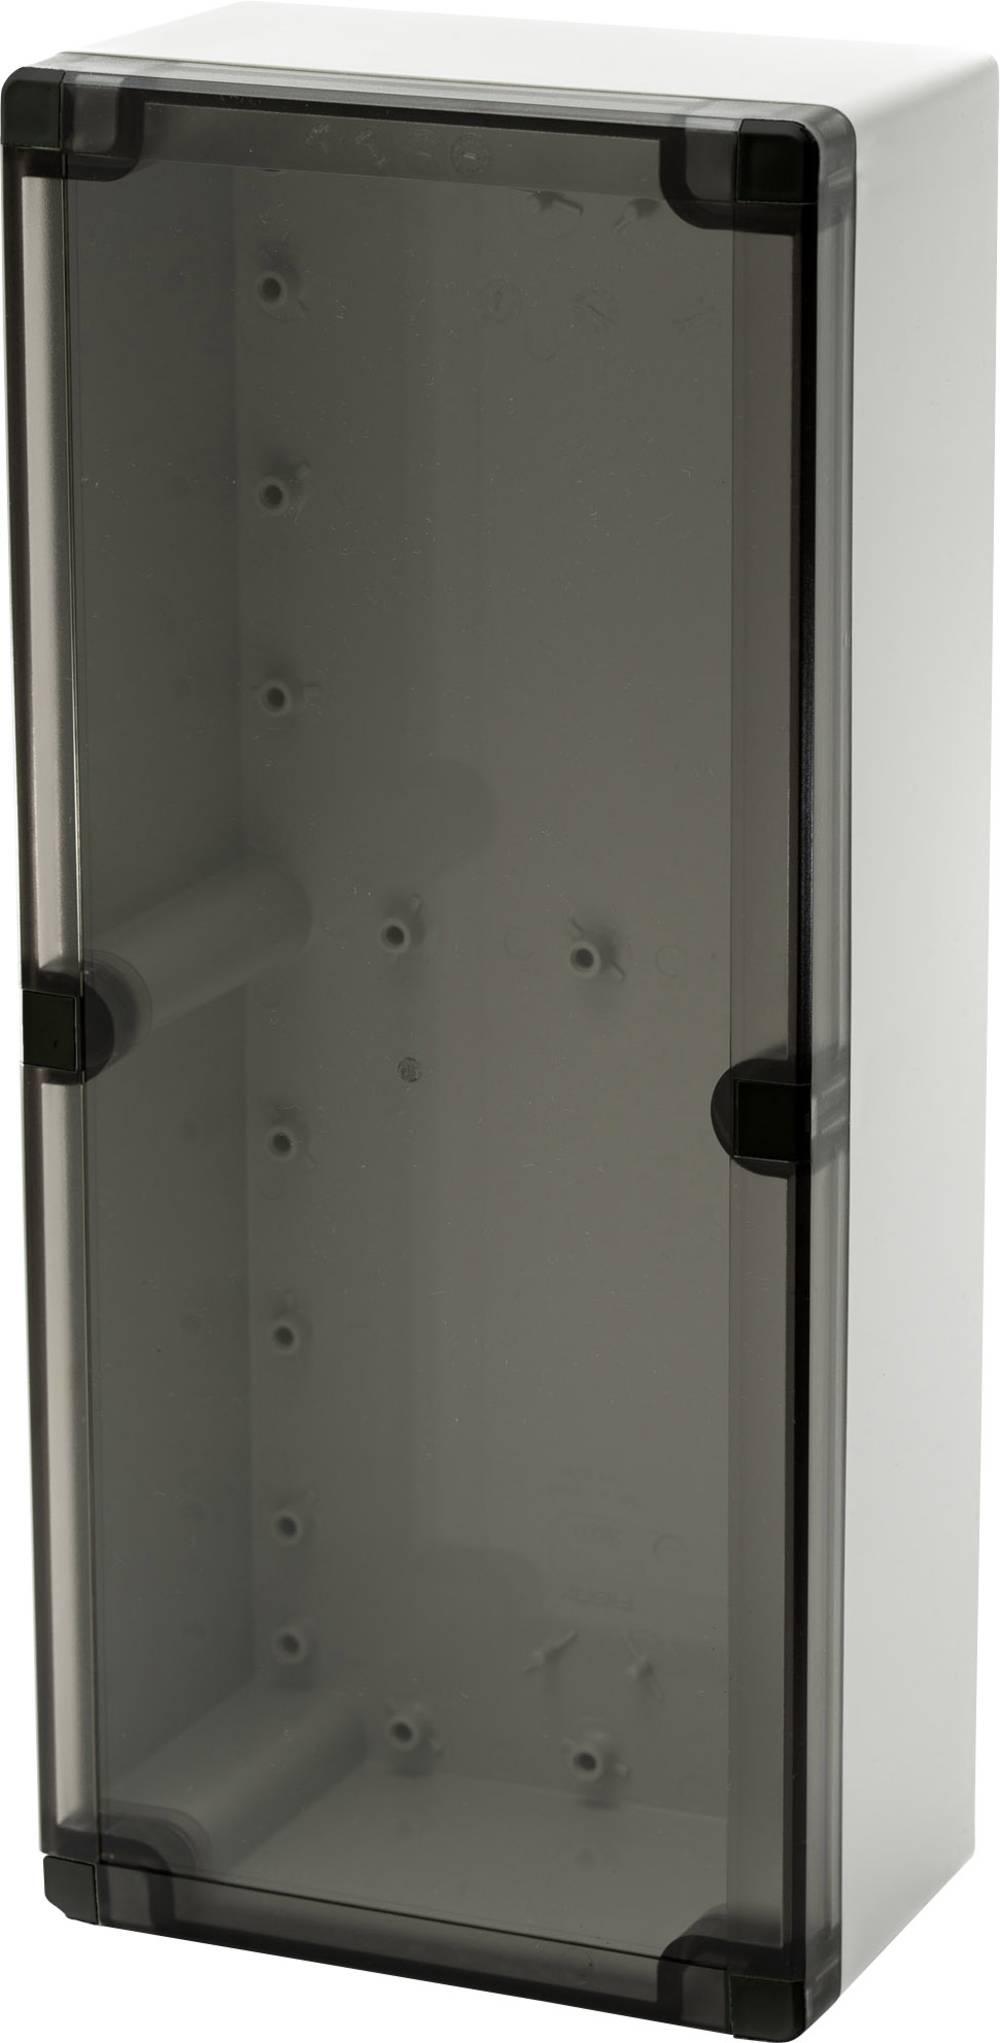 Installationskabinet Fibox EURONORD 3 PCTQ3 163610 360 x 160 x 101 Polycarbonat 1 stk